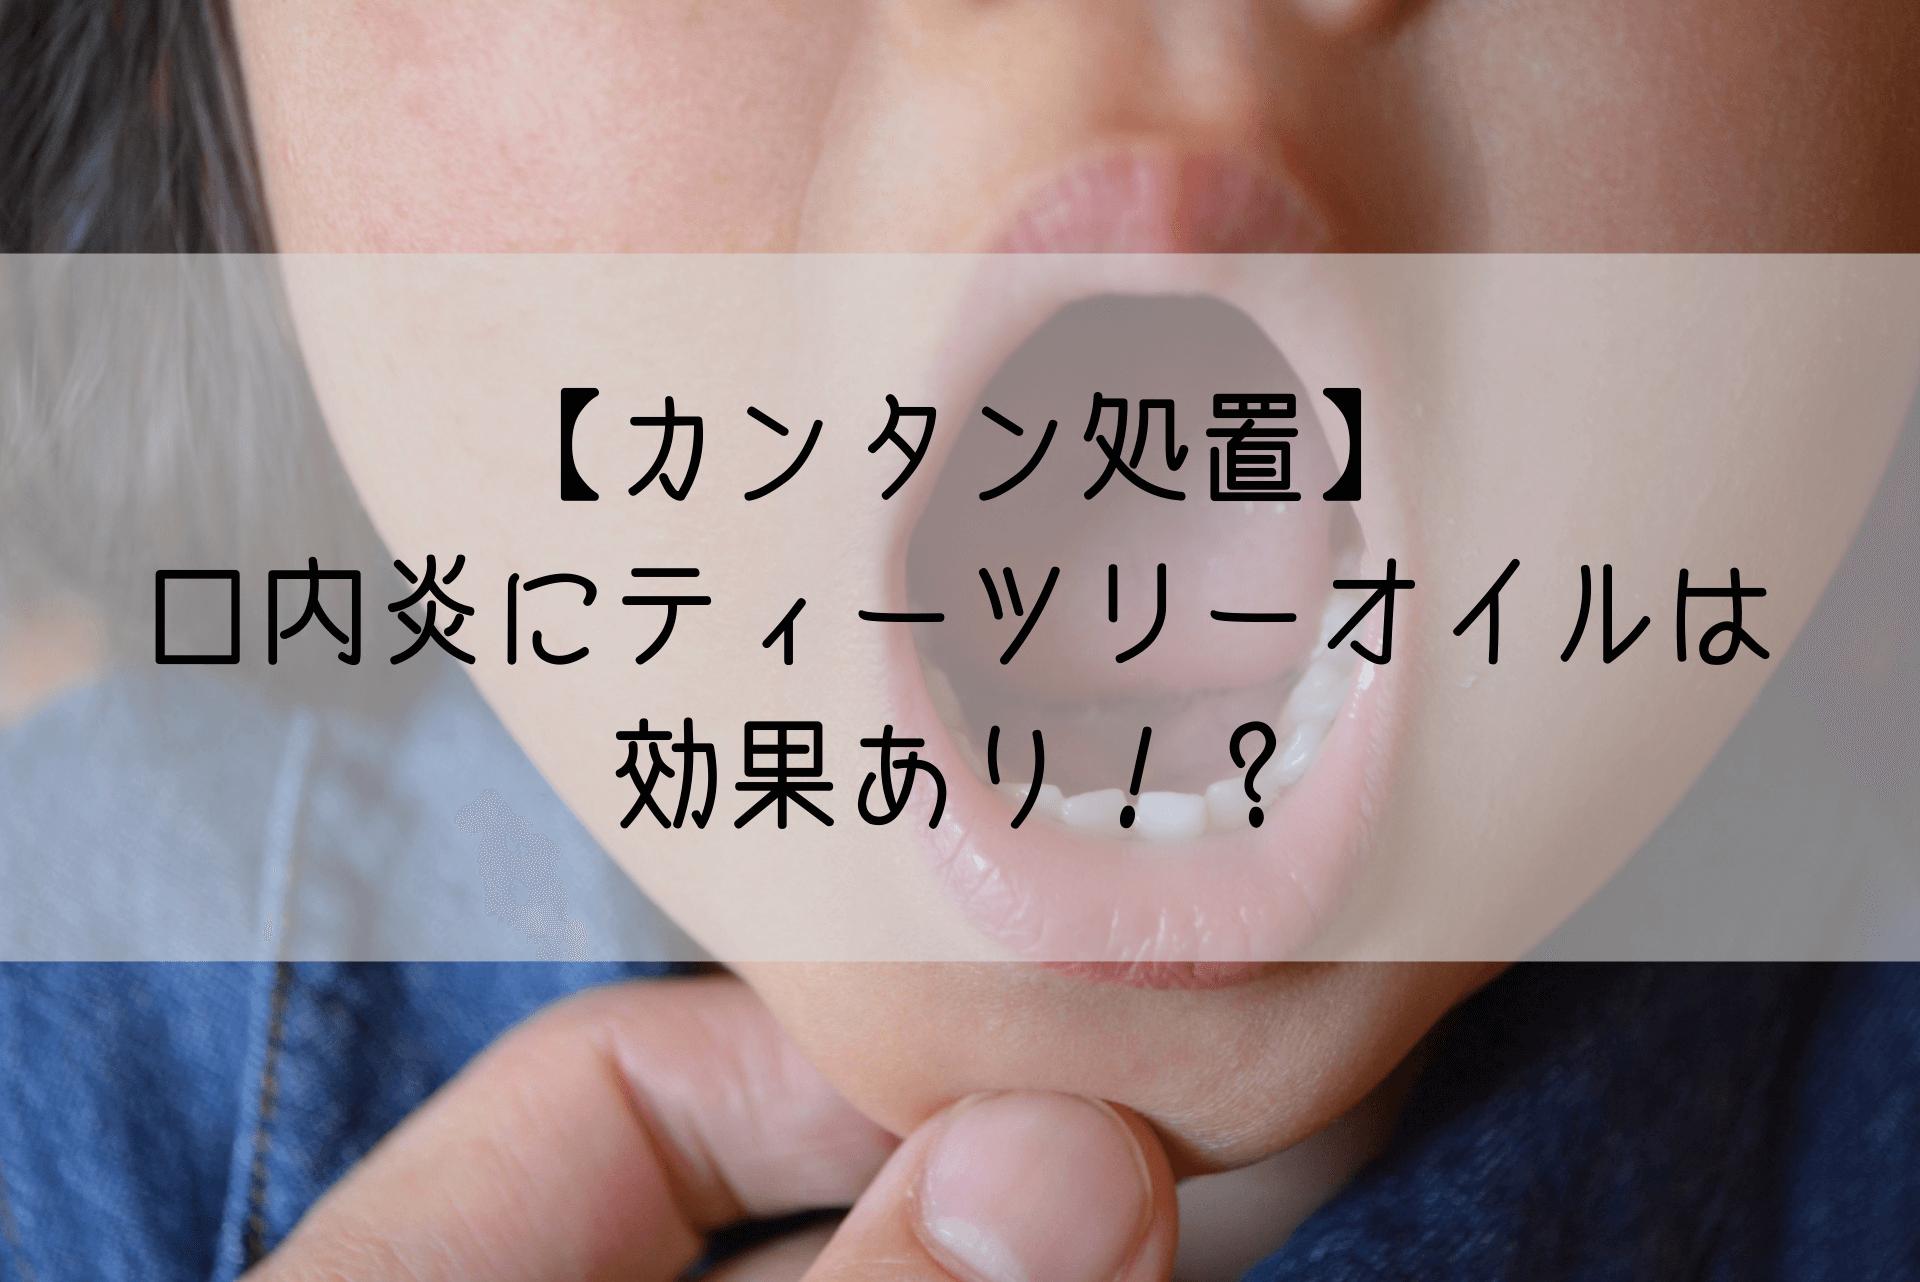 【カンタン処置】口内炎にティーツリーオイルは効果あり!? (1)